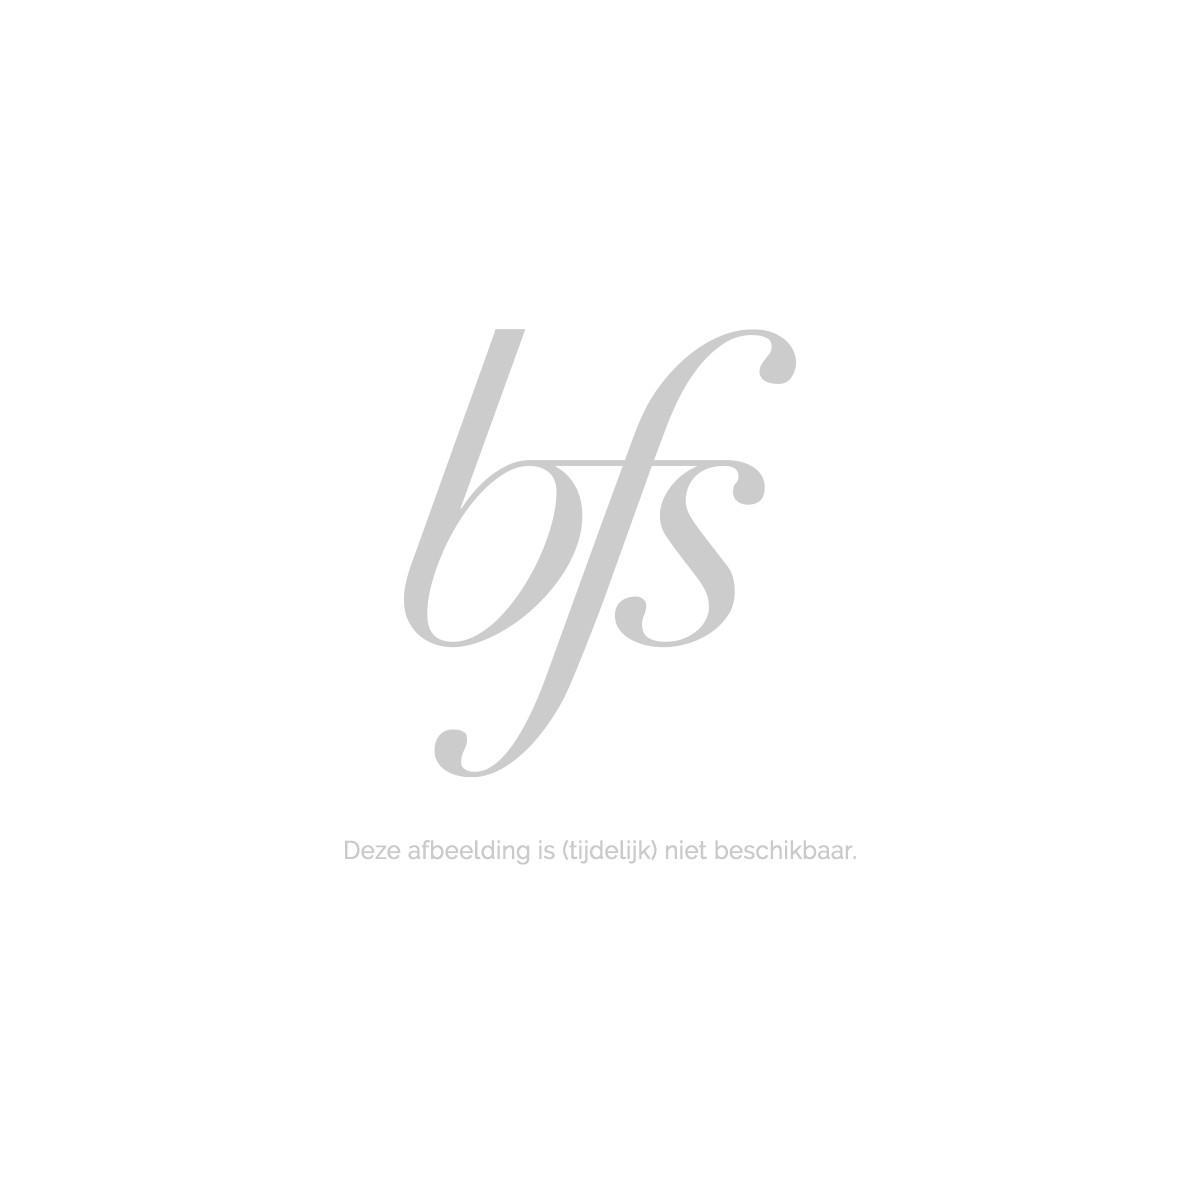 Beardburys Tondeuse Final Shaver Pro Top